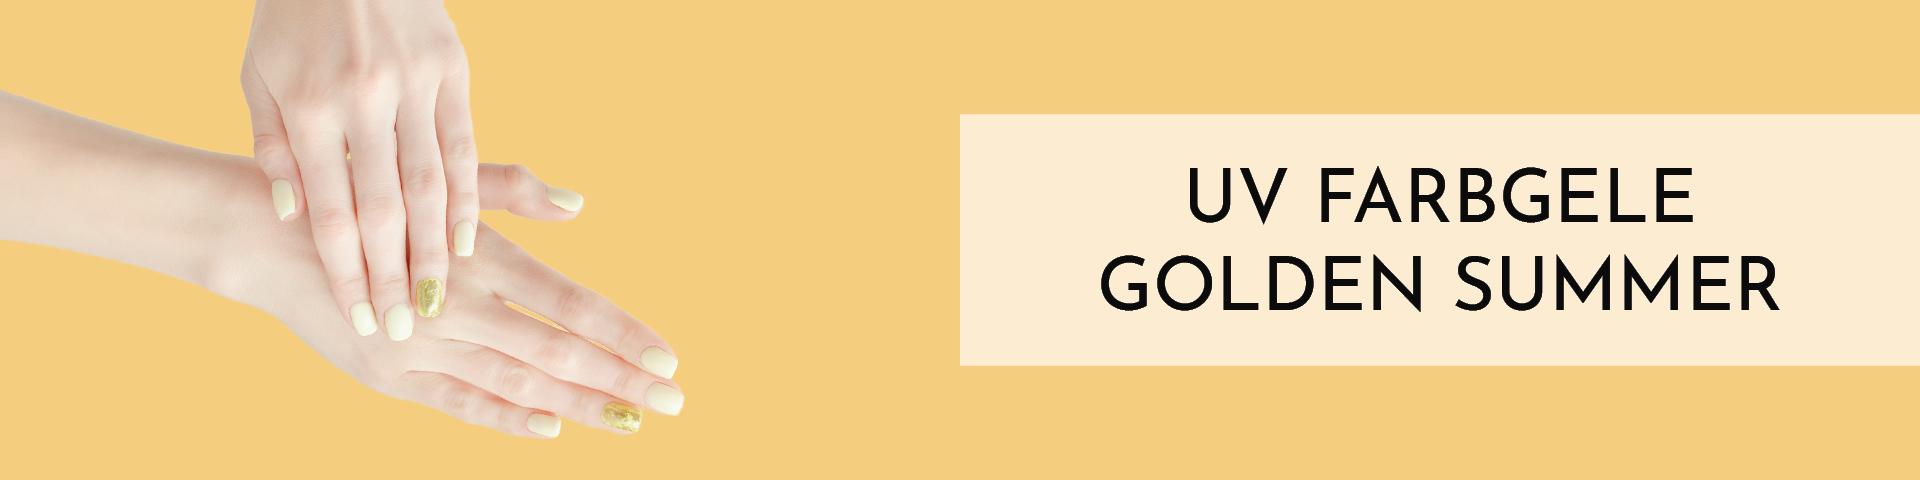 Gold Effekt Gele